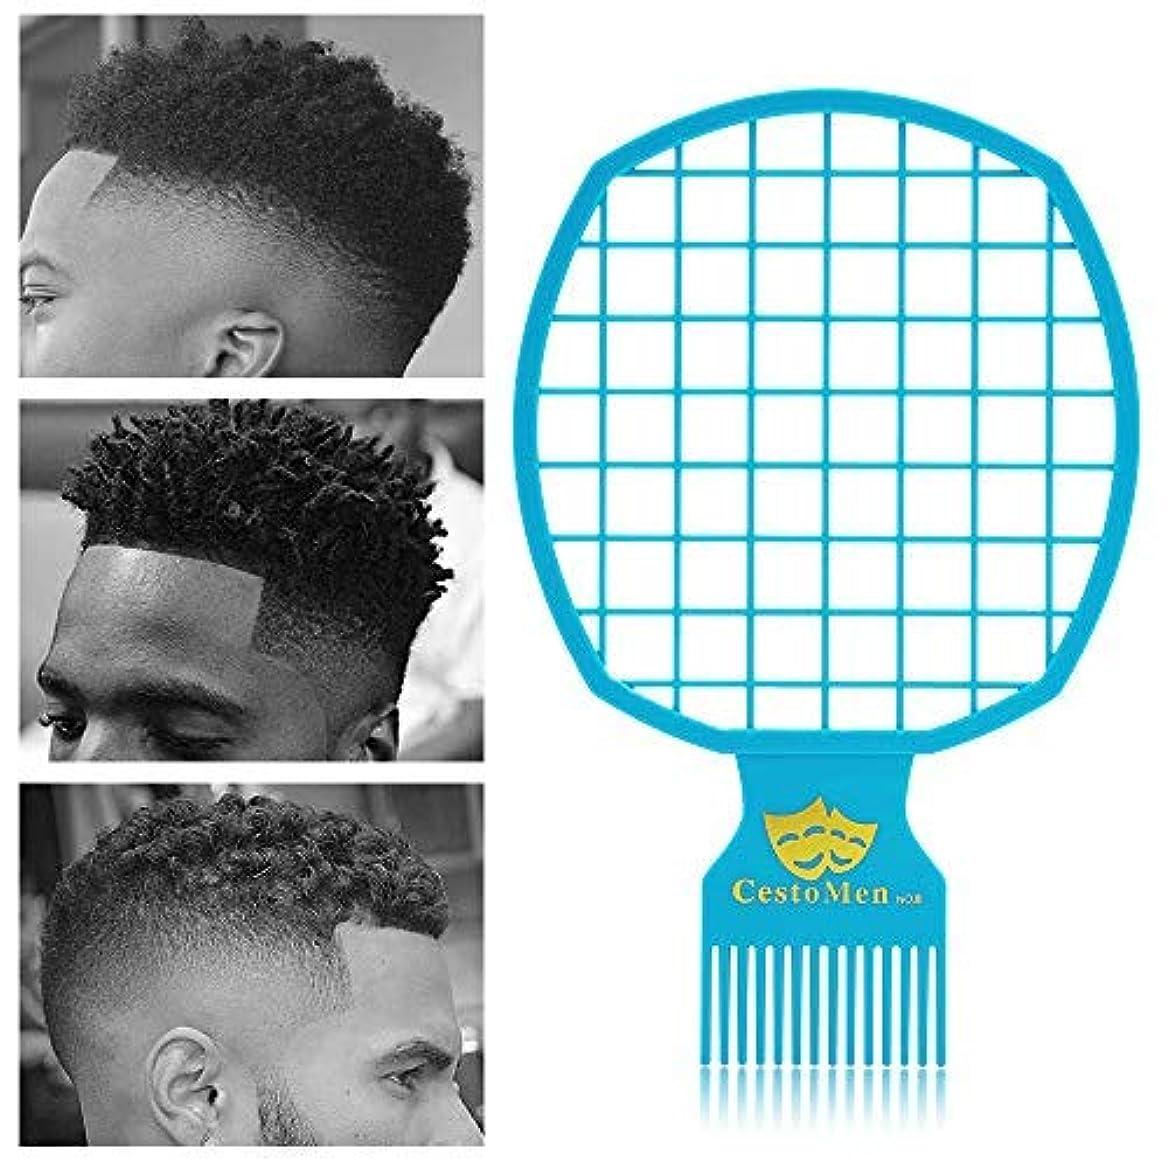 羊申請者センサーMagic Afro & Twist Comb - Weave Hair & Dreadlocks - For Barber and Personal Use - Easy to Clean (Blue) [並行輸入品]